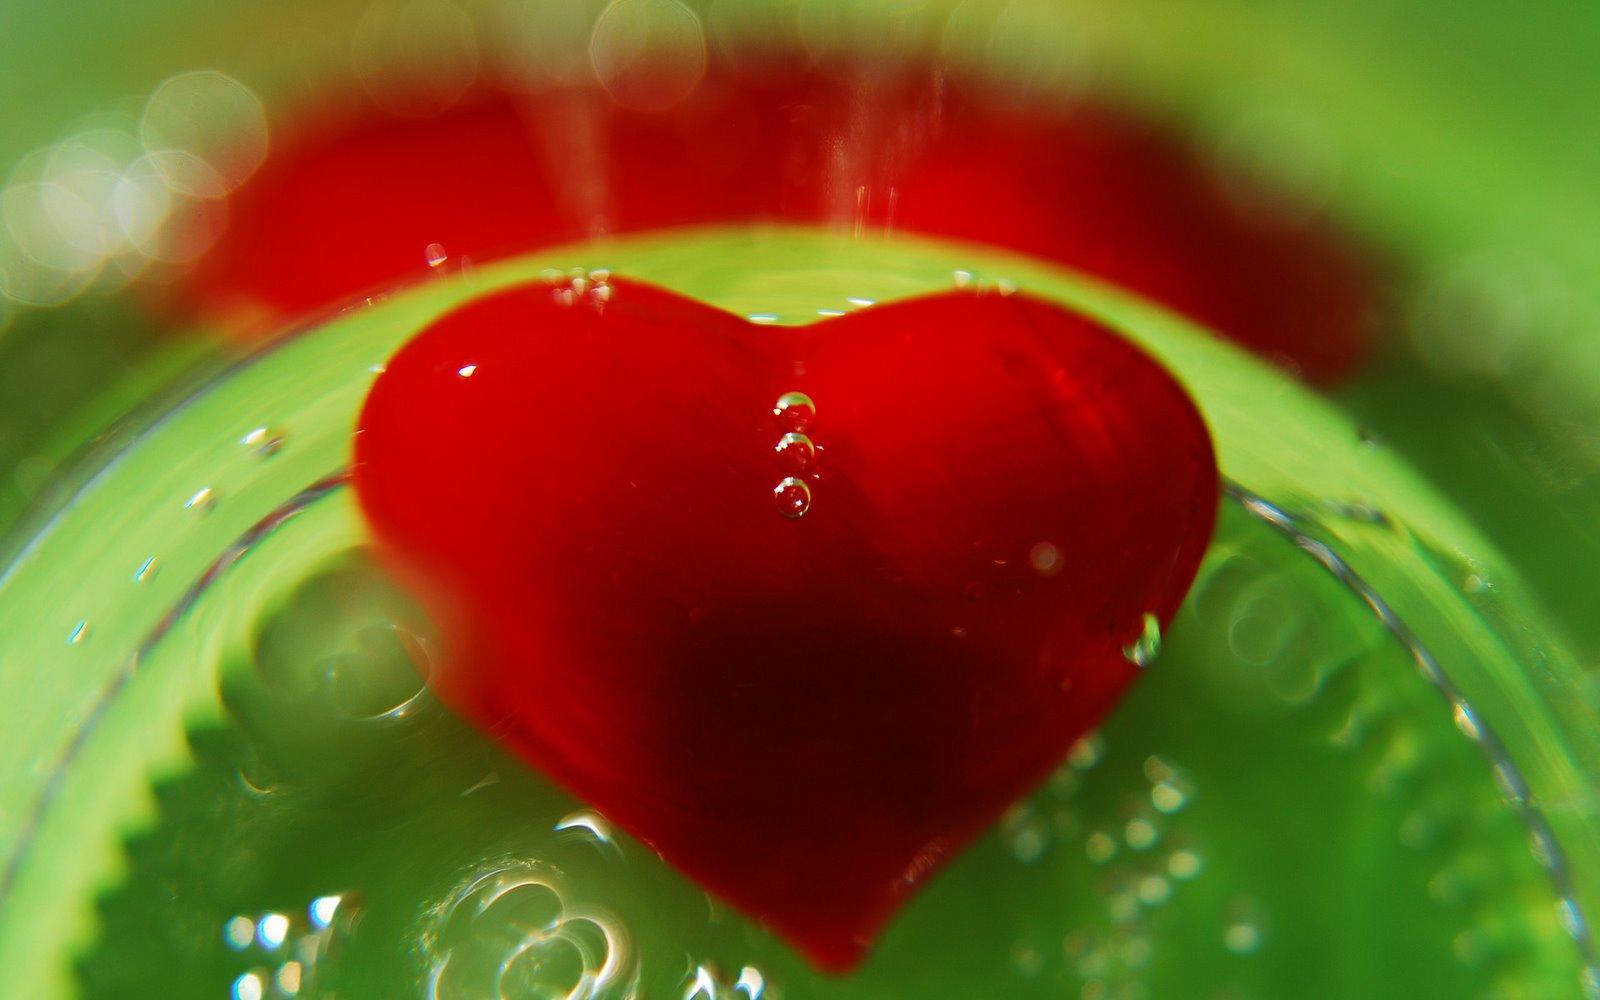 http://3.bp.blogspot.com/-WFJuuomrW9g/TUu8Kk_msII/AAAAAAAAALQ/A8_4igXuGBw/s1600/love-heart-valentines-day-wallpaper.jpg